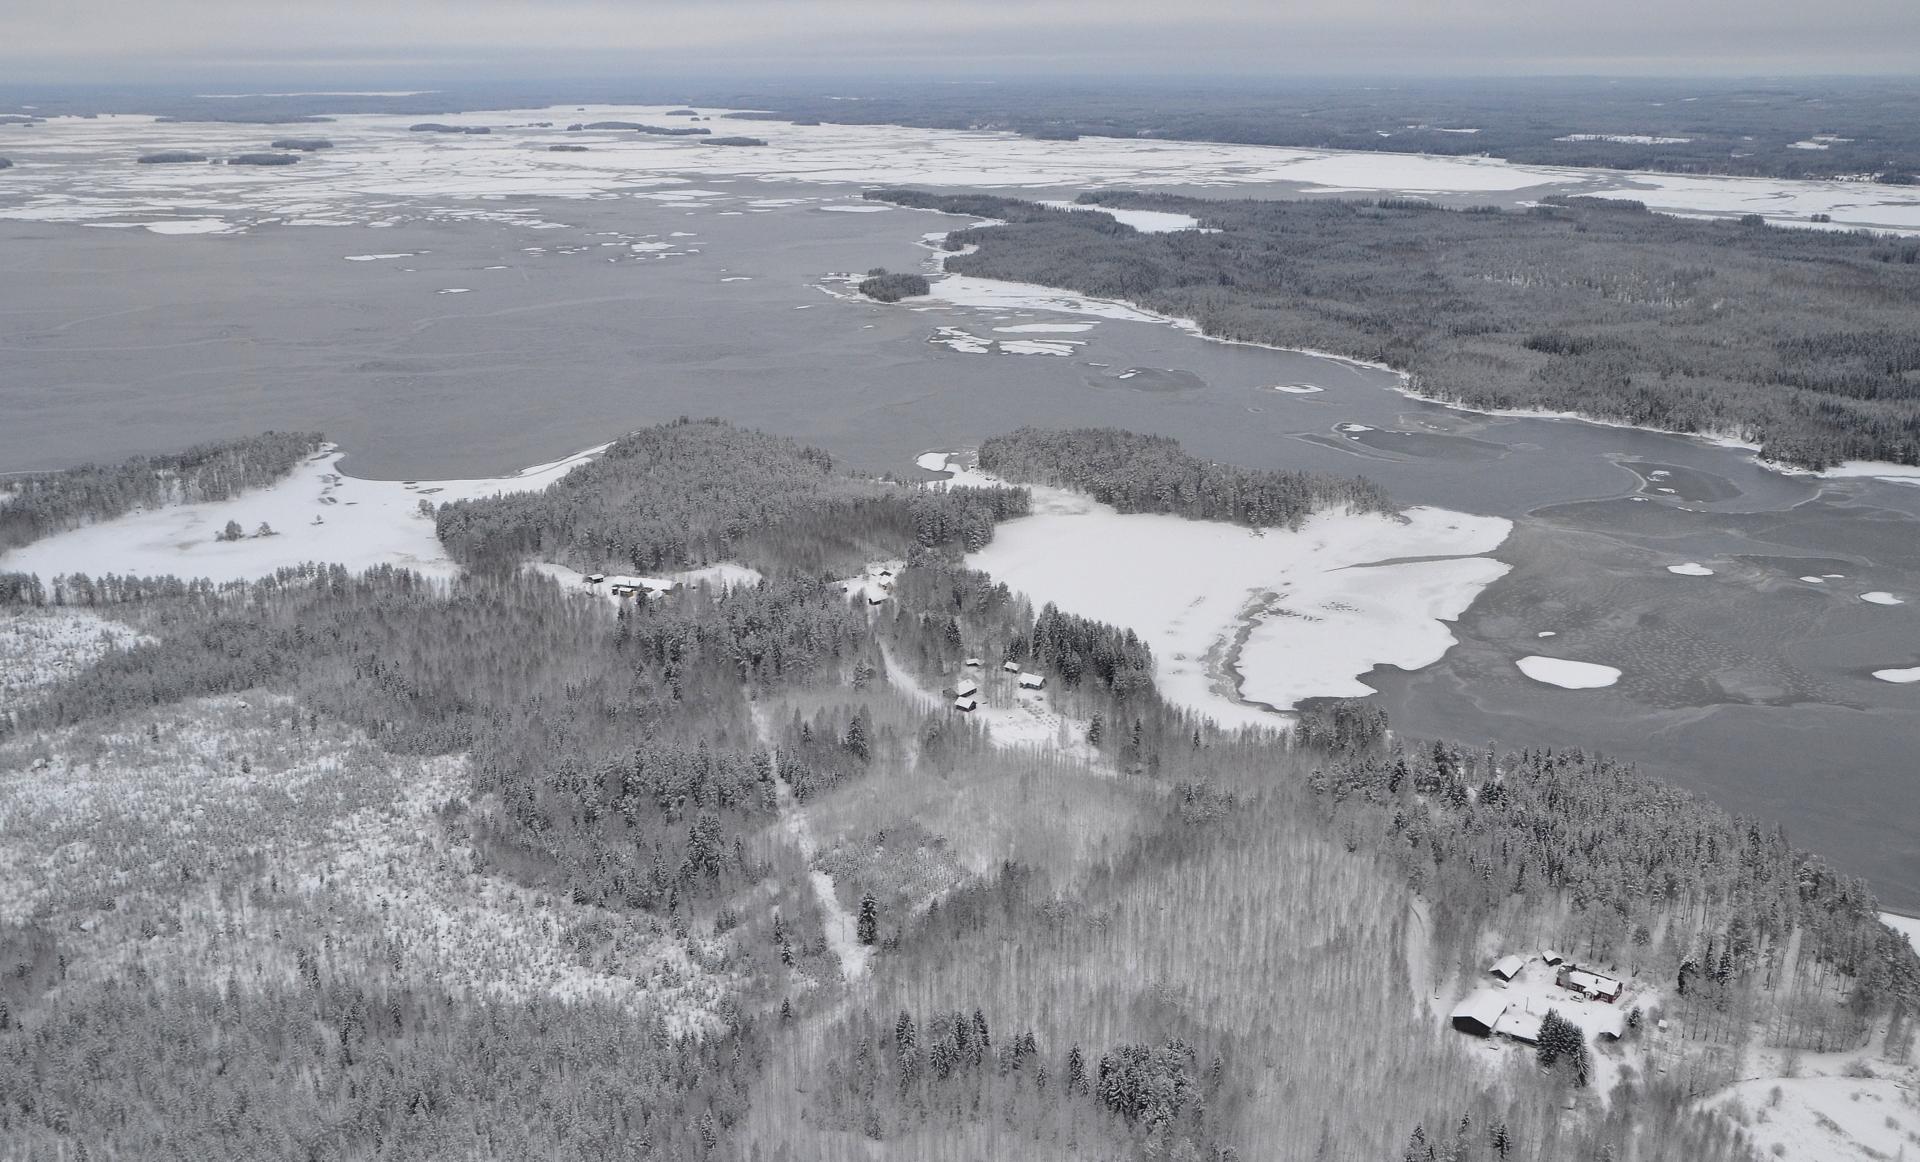 17.12.2017 Kolima, Paloranta, Selänsuu, oikealla Järkiniemi.